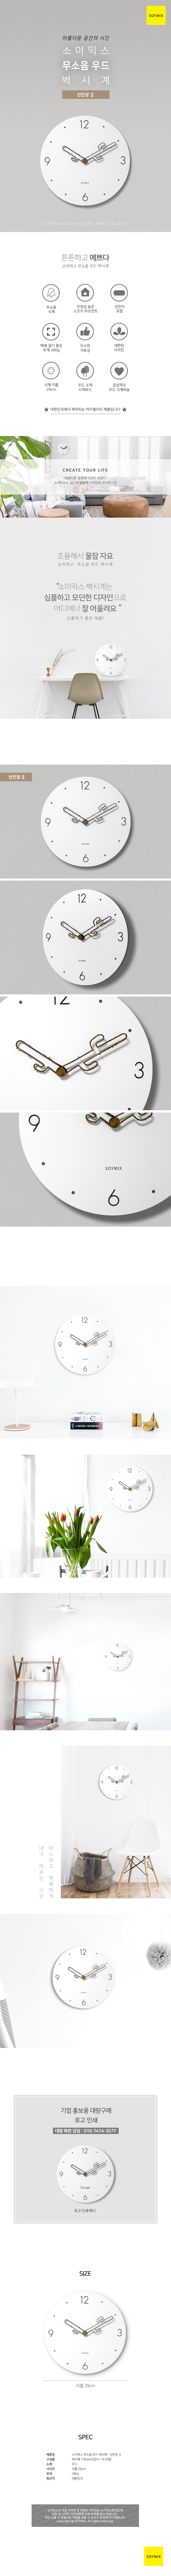 소이믹스 선인장2 우드 무소음 벽시계 - 소이믹스, 31,900원, 벽시계, 우드벽시계